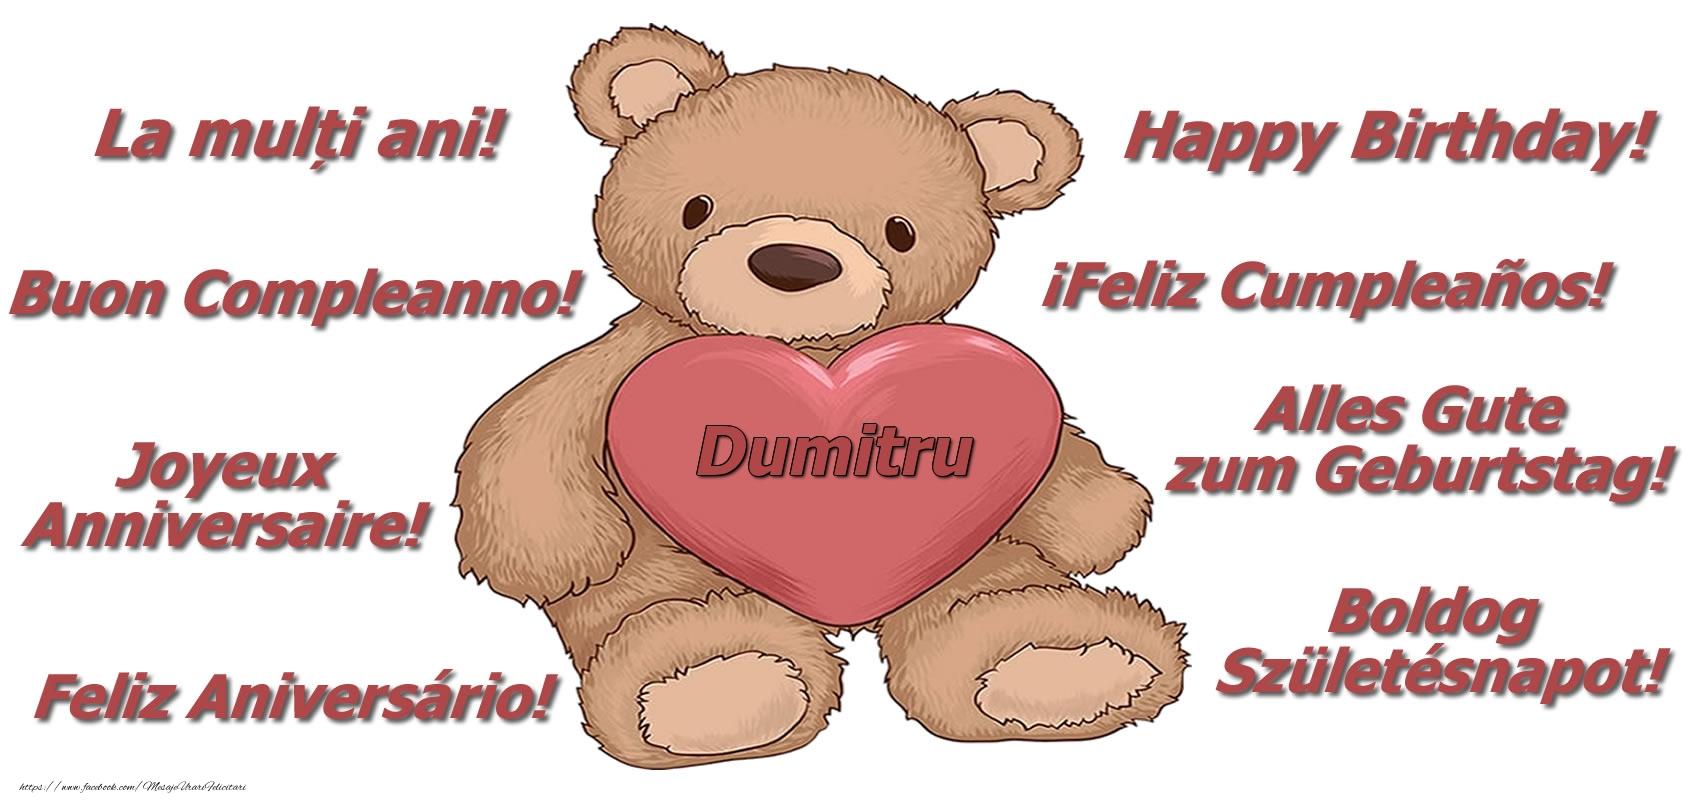 Felicitari de zi de nastere - La multi ani Dumitru! - Ursulet